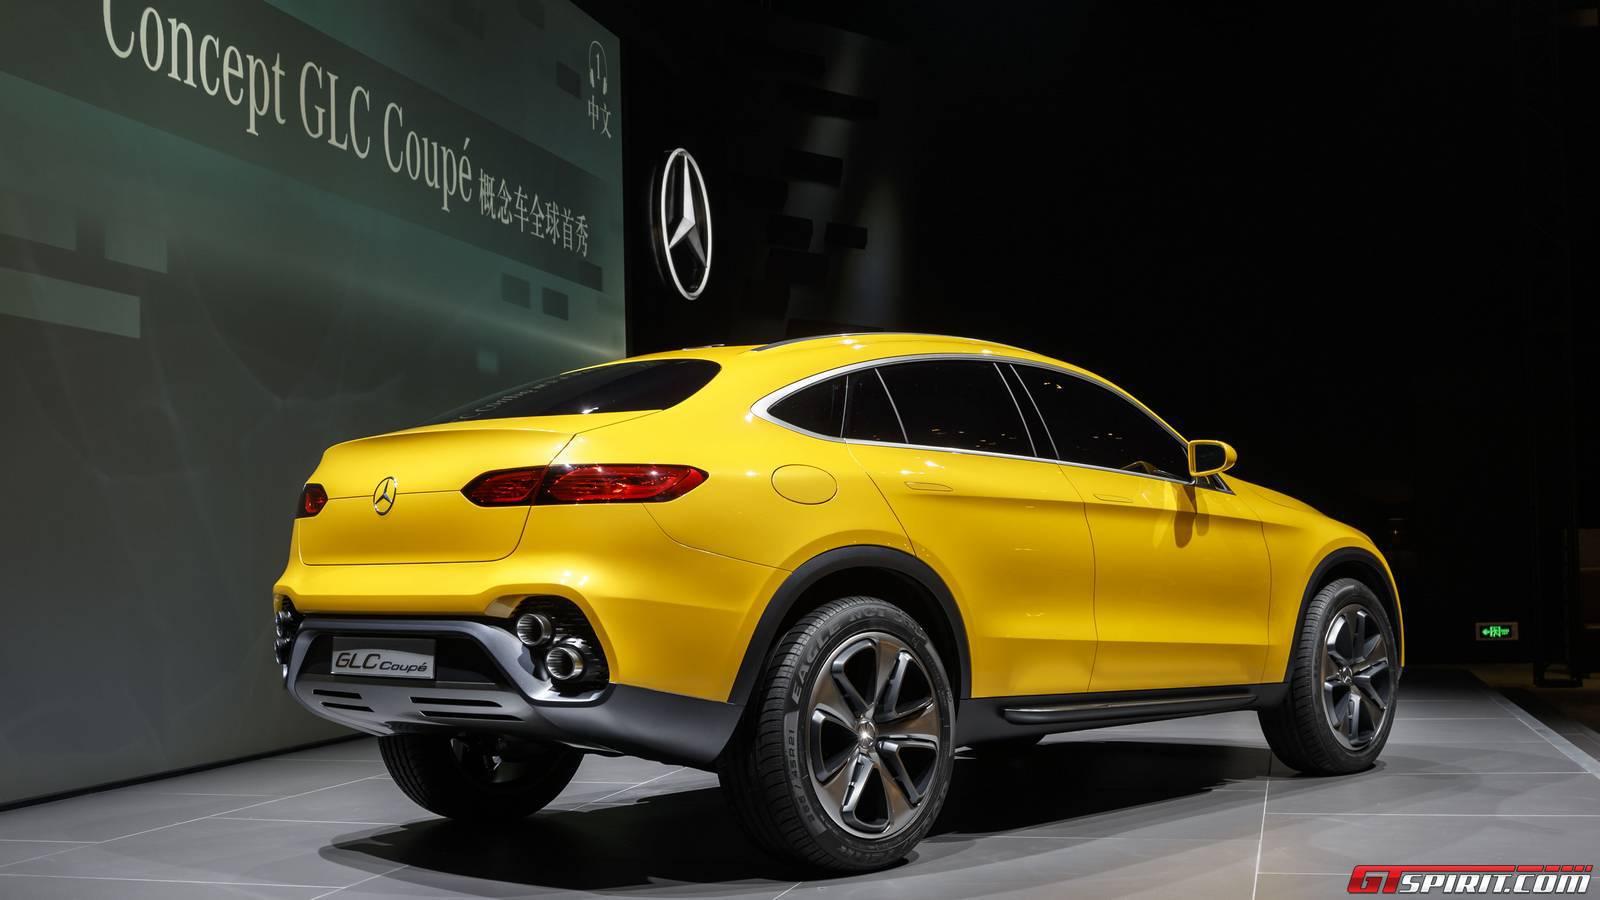 Mercedes-Benz Concept GLC Coupe Rear